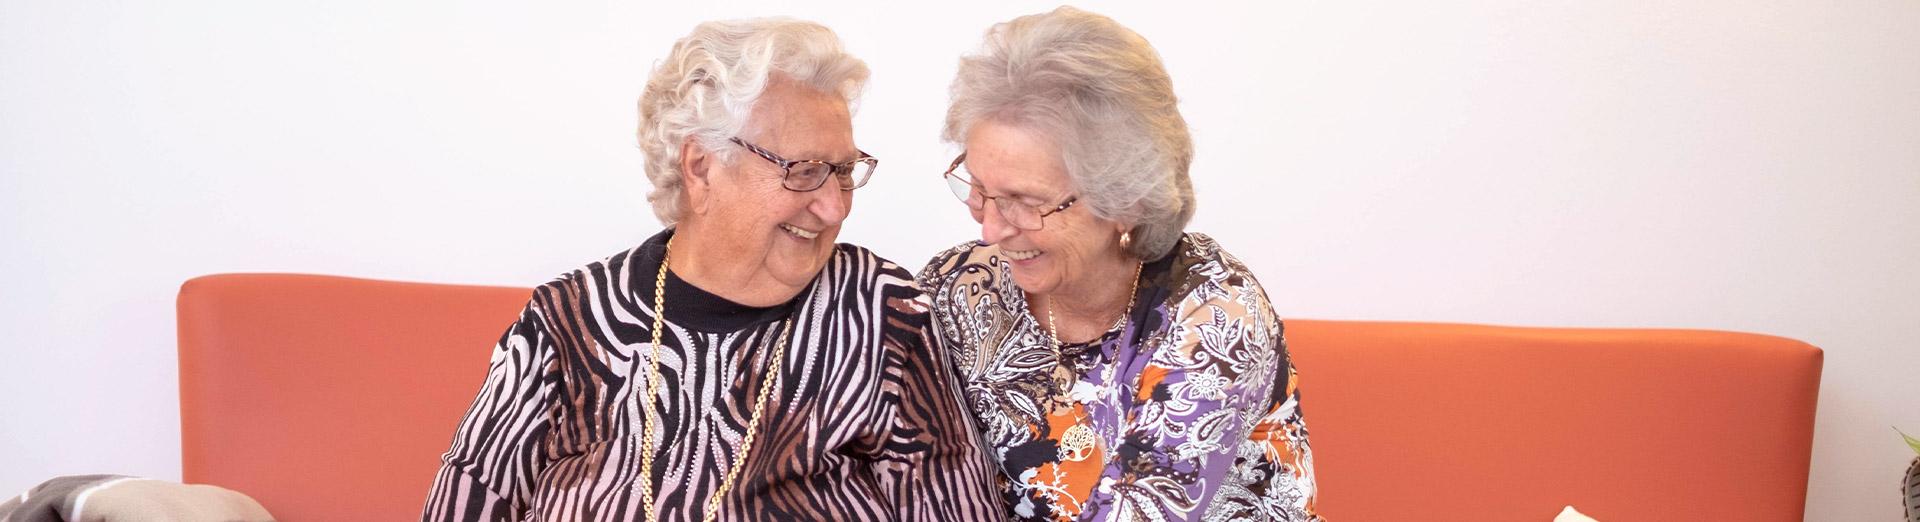 Zwei ältere, lachende Damen auf einer Couch